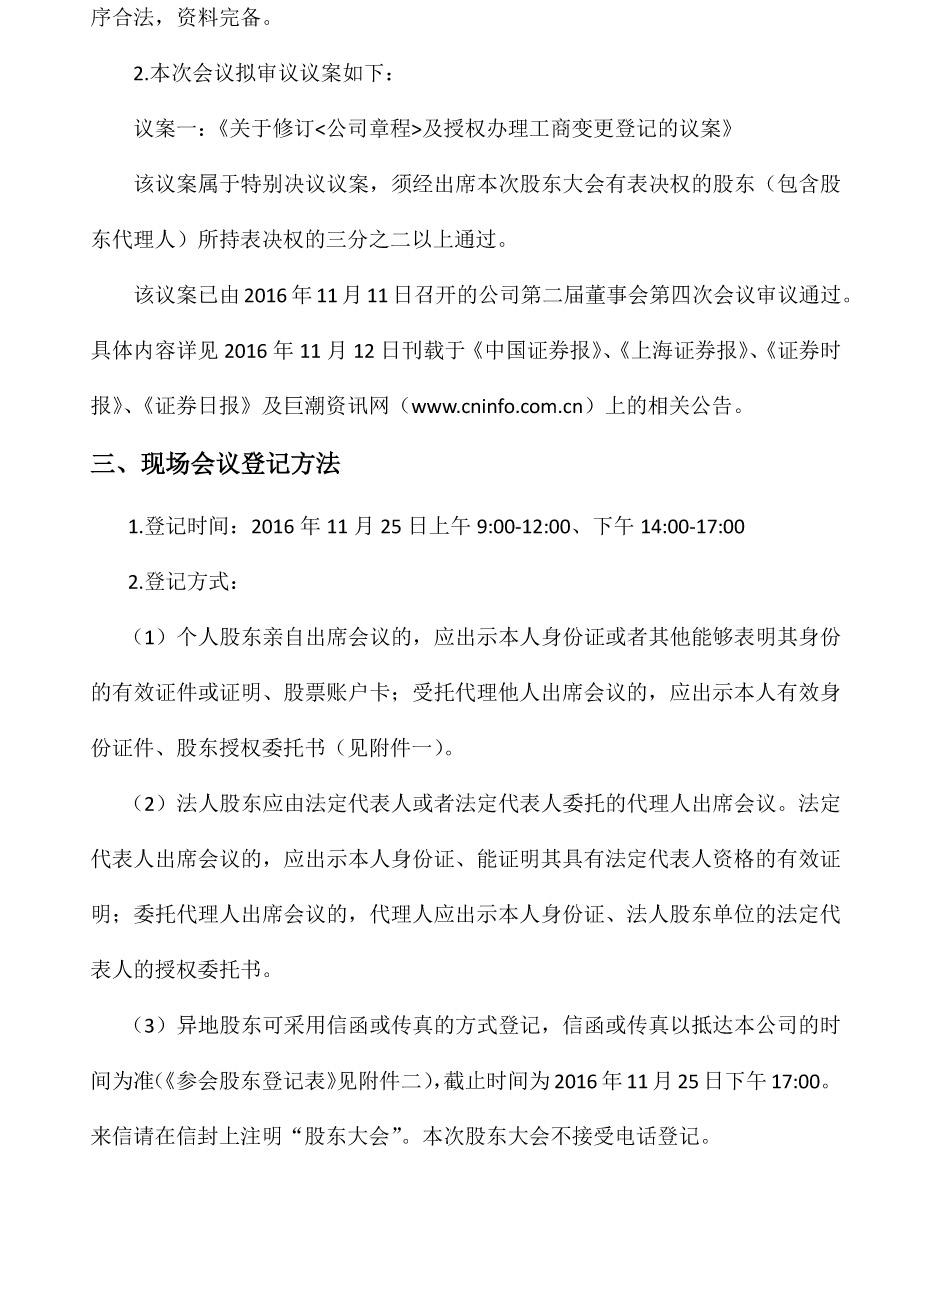 和科达:关于召开2016年第二次临时股东大会的通知